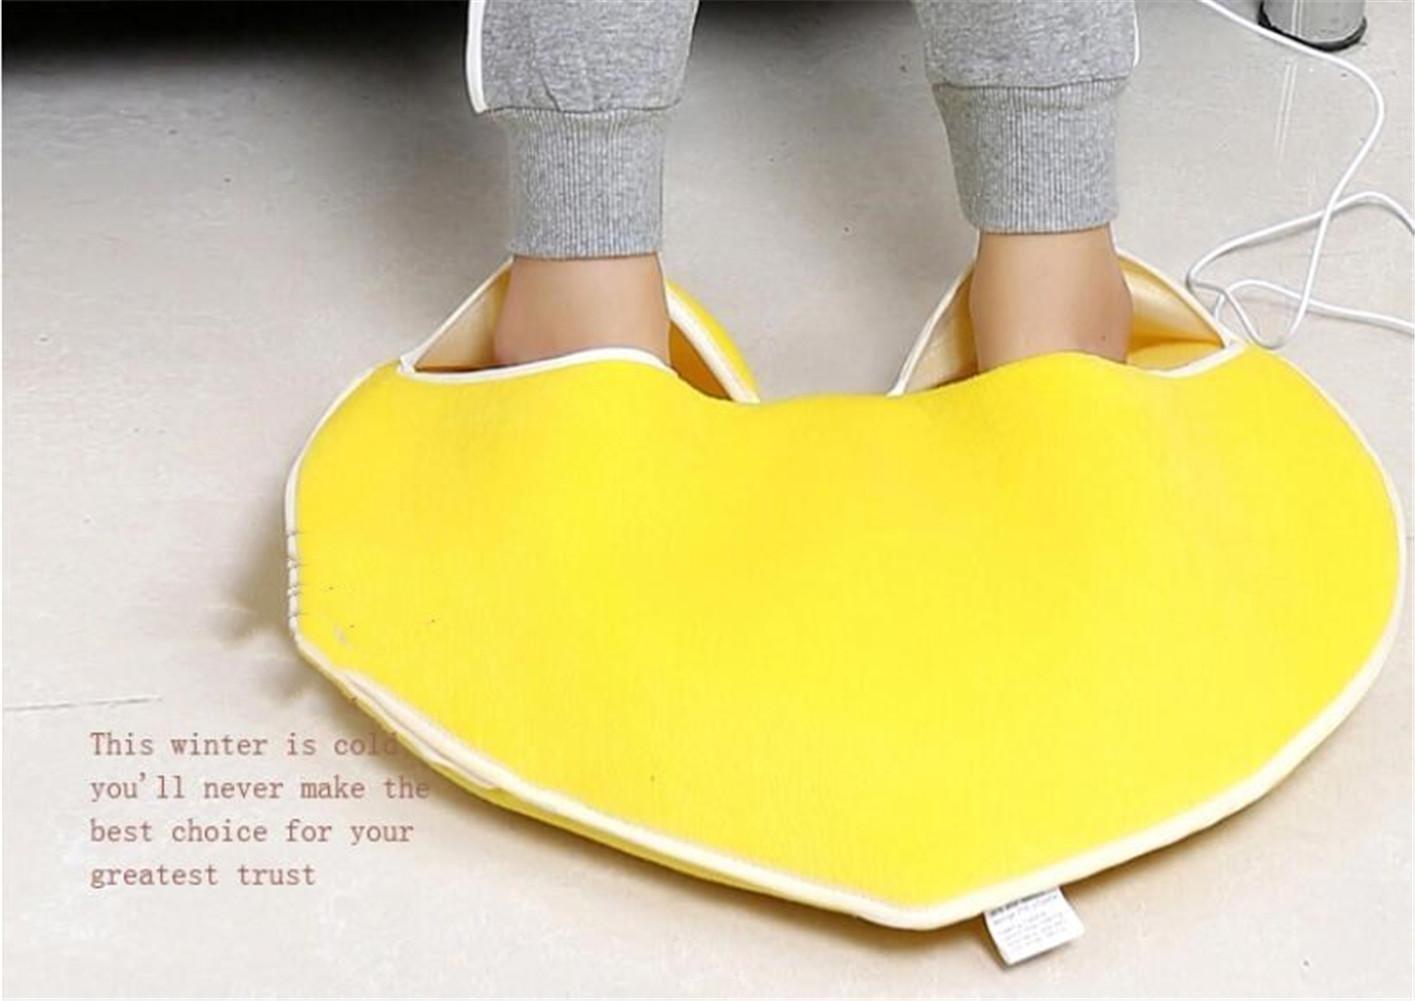 FFJTS Feet Love Plug Warm Feet Warm Shoes USB Warm Feet FFJTS Warm Mat, C 98d883